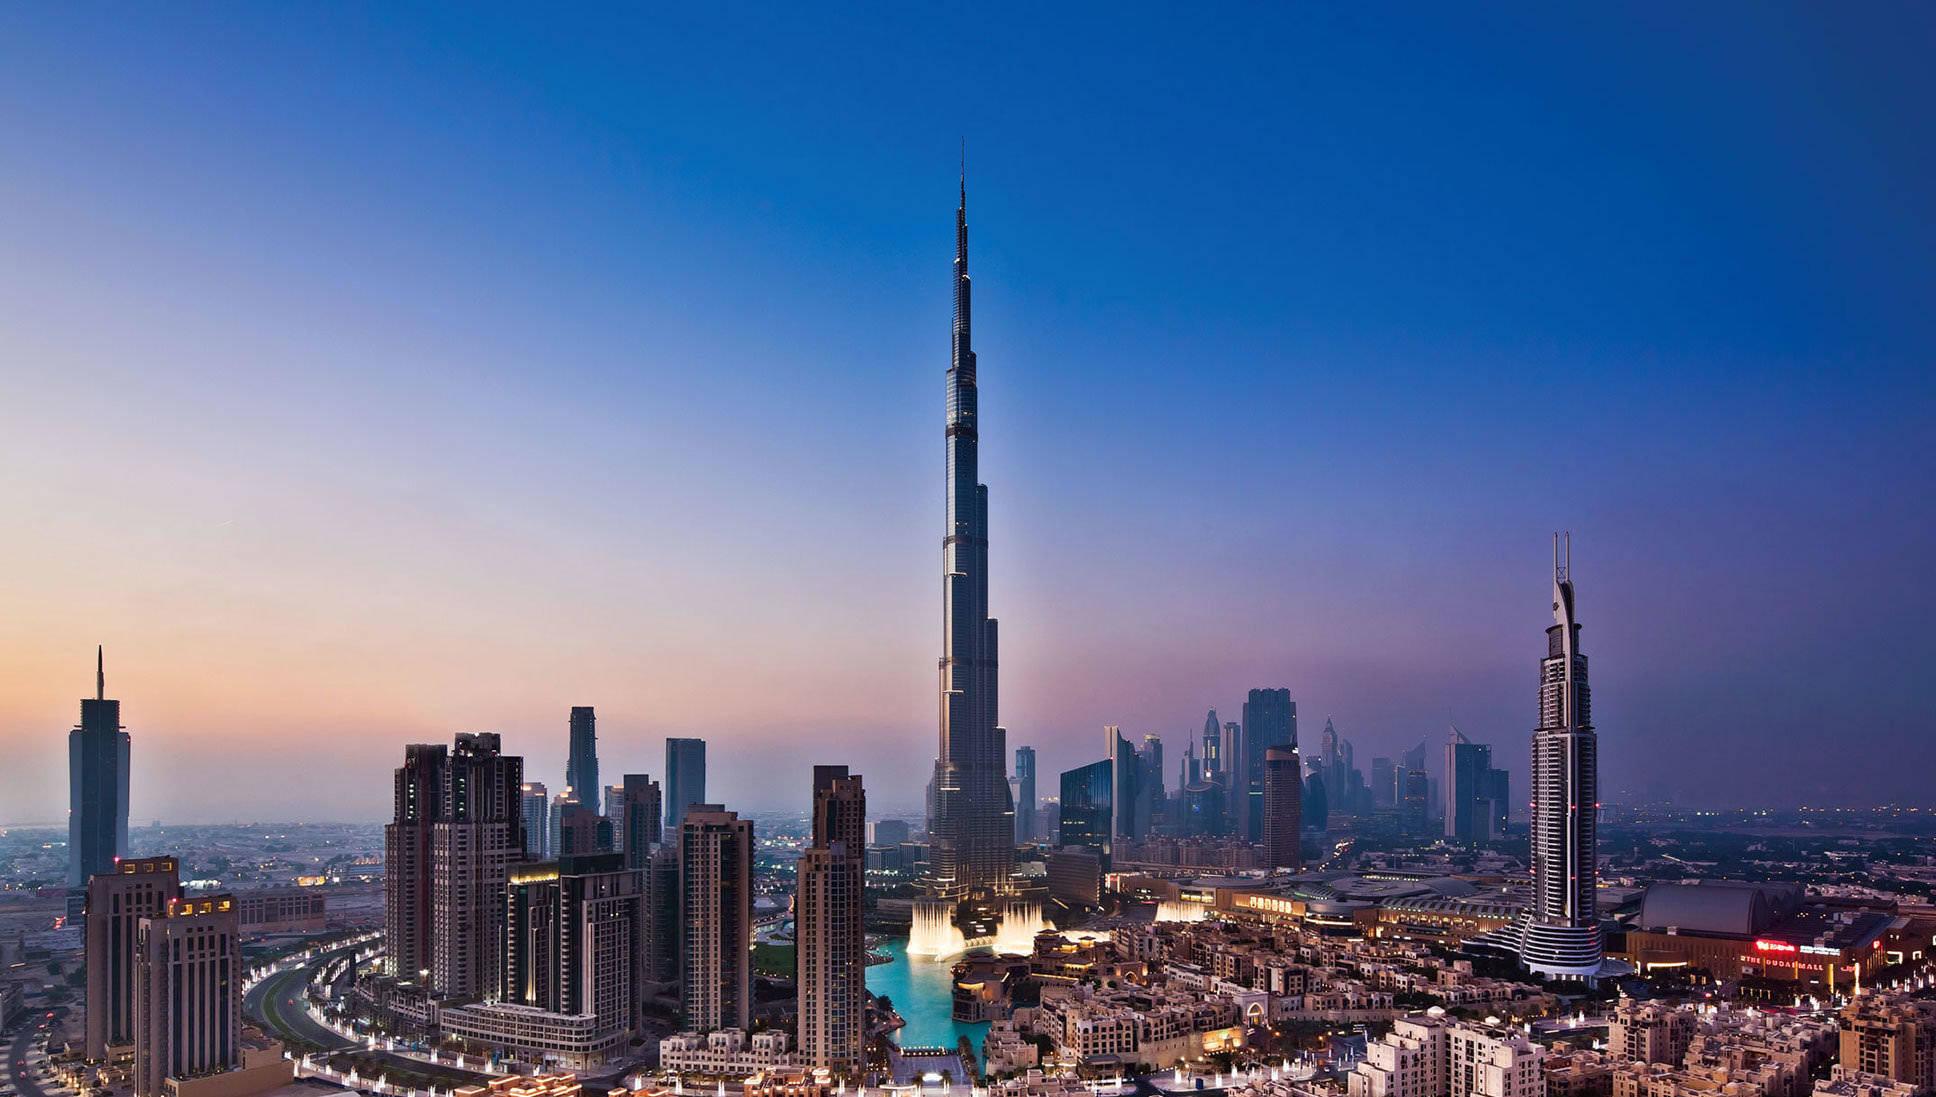 Dubai Expo 2020 Next World Expo